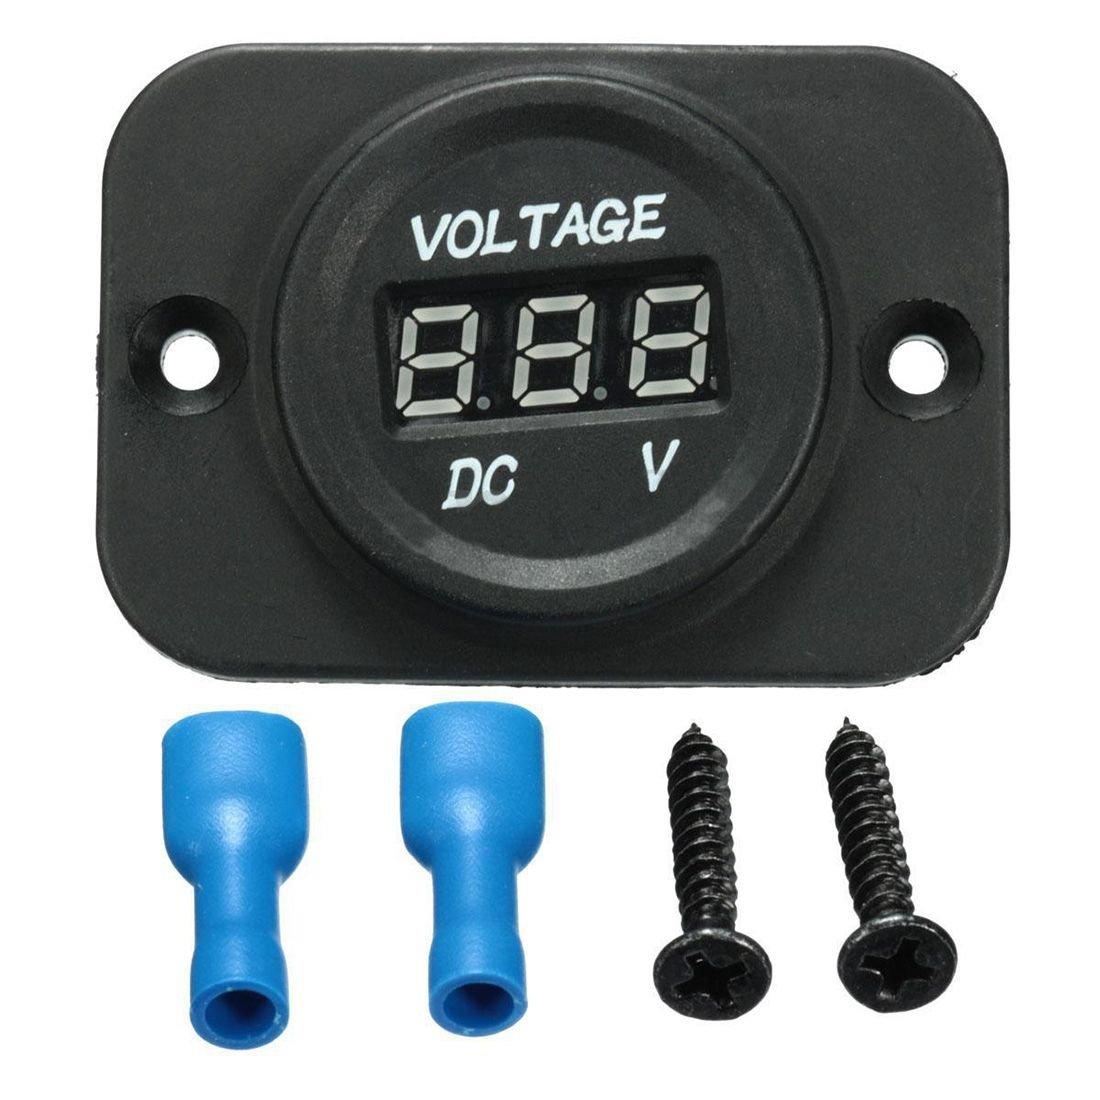 TOOGOO 12V-24V Waterproof Car Motorcycle LED Digital Display Voltmeter Voltage Meter Black